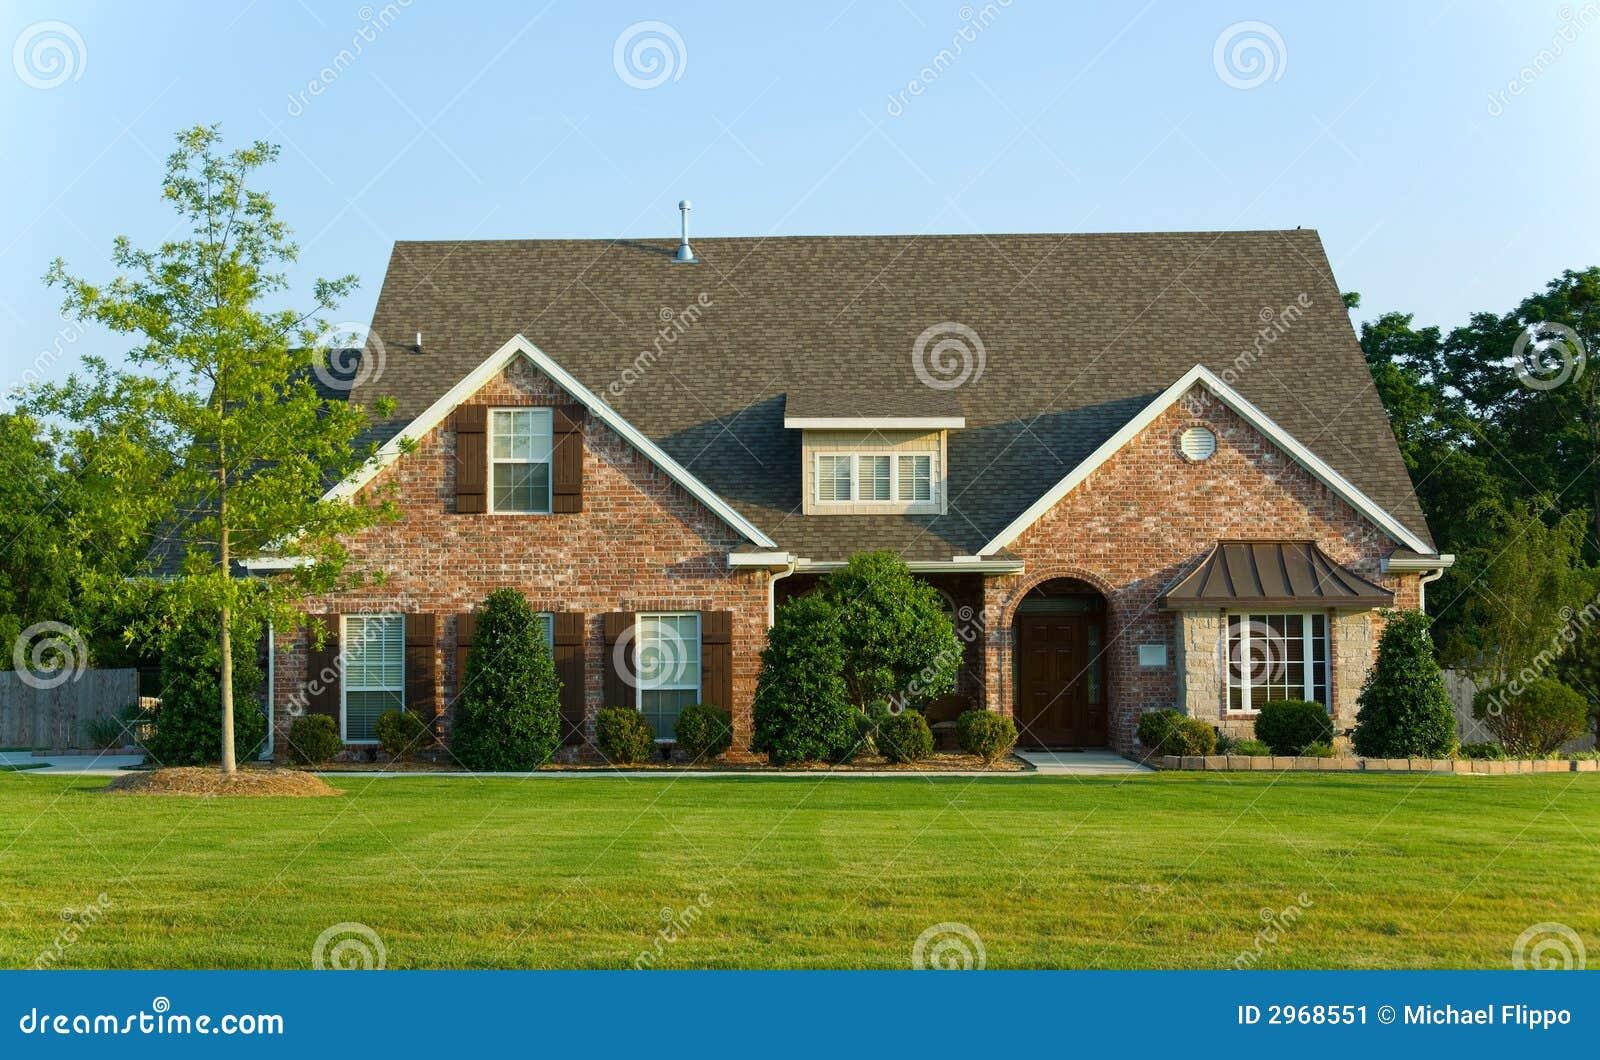 Mooi huis bezit stock afbeelding afbeelding bestaande uit daken 2968551 - Mooi huis ...